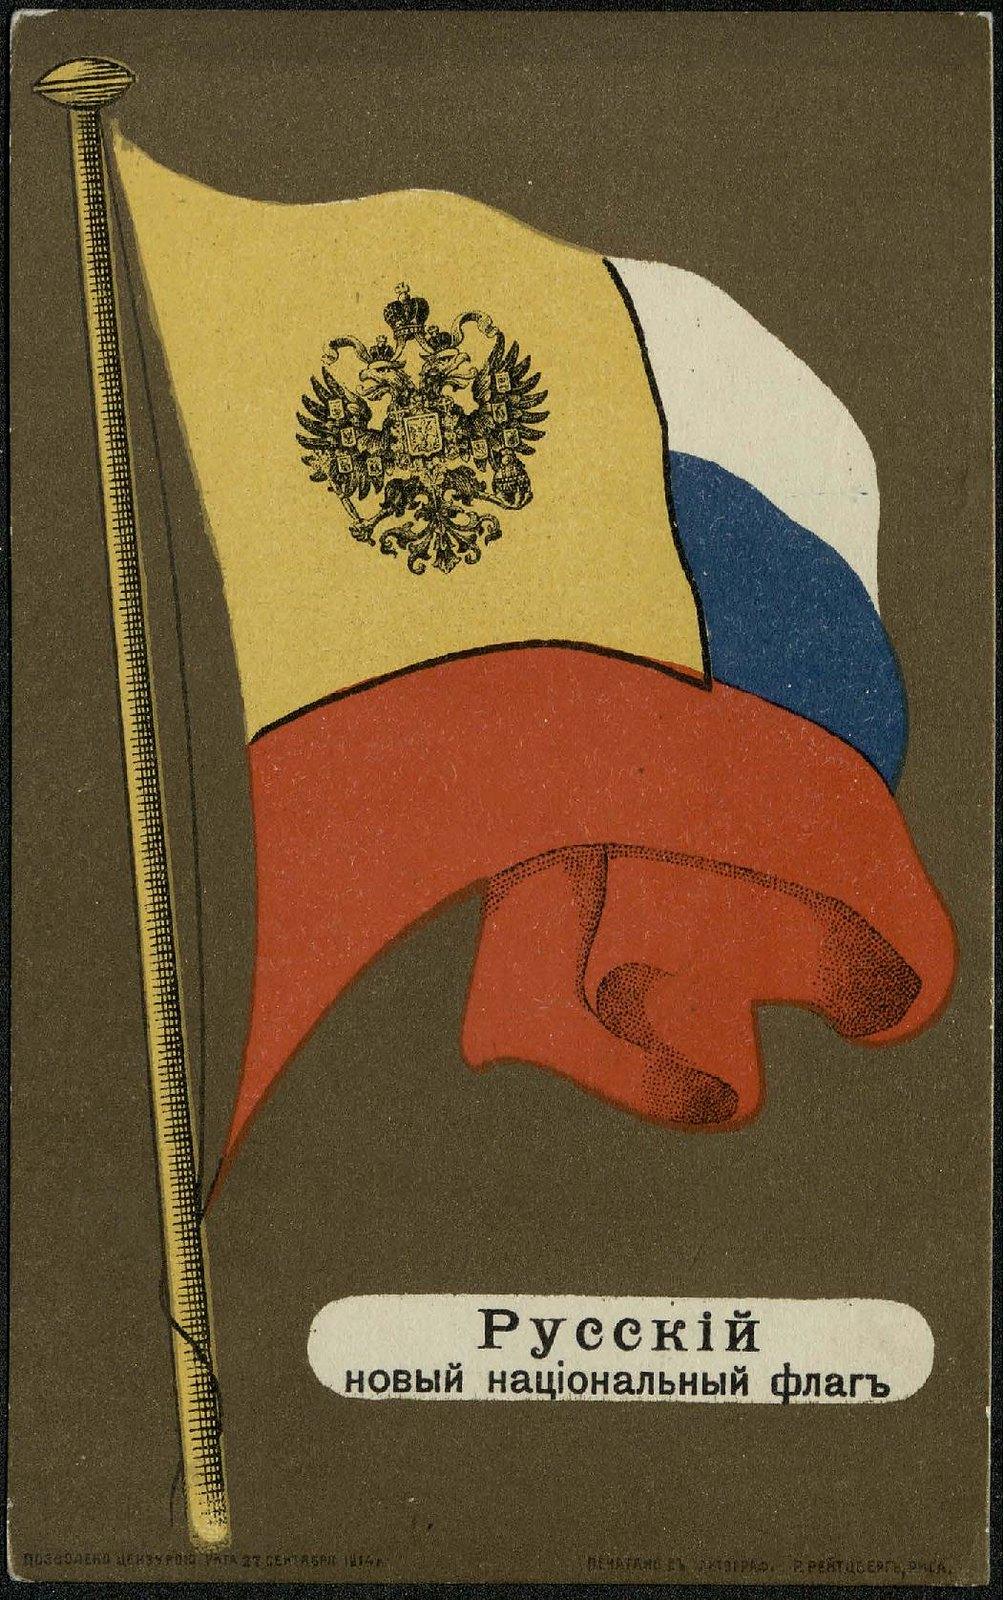 1914. Русский новый национальный флаг